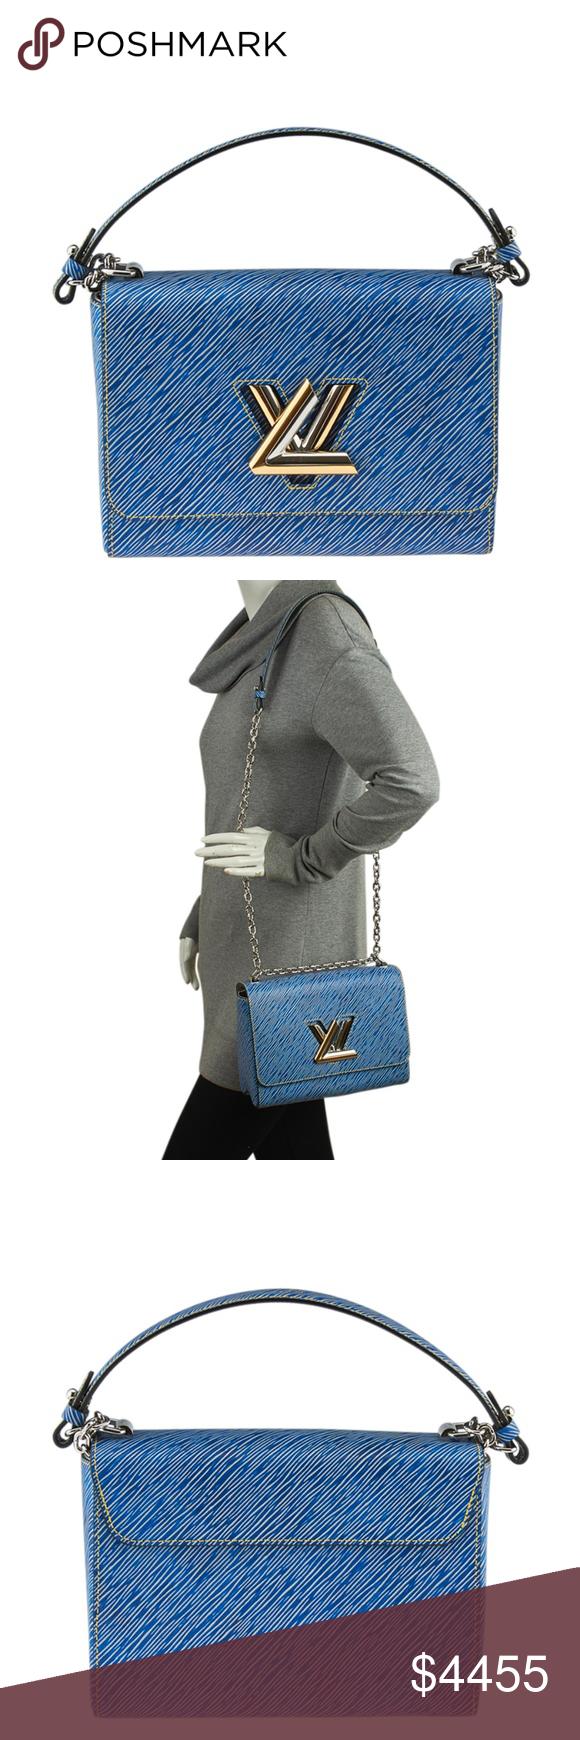 Louis Vuitton M51065 Blue Epi Twist MM 139848 | France colors ...